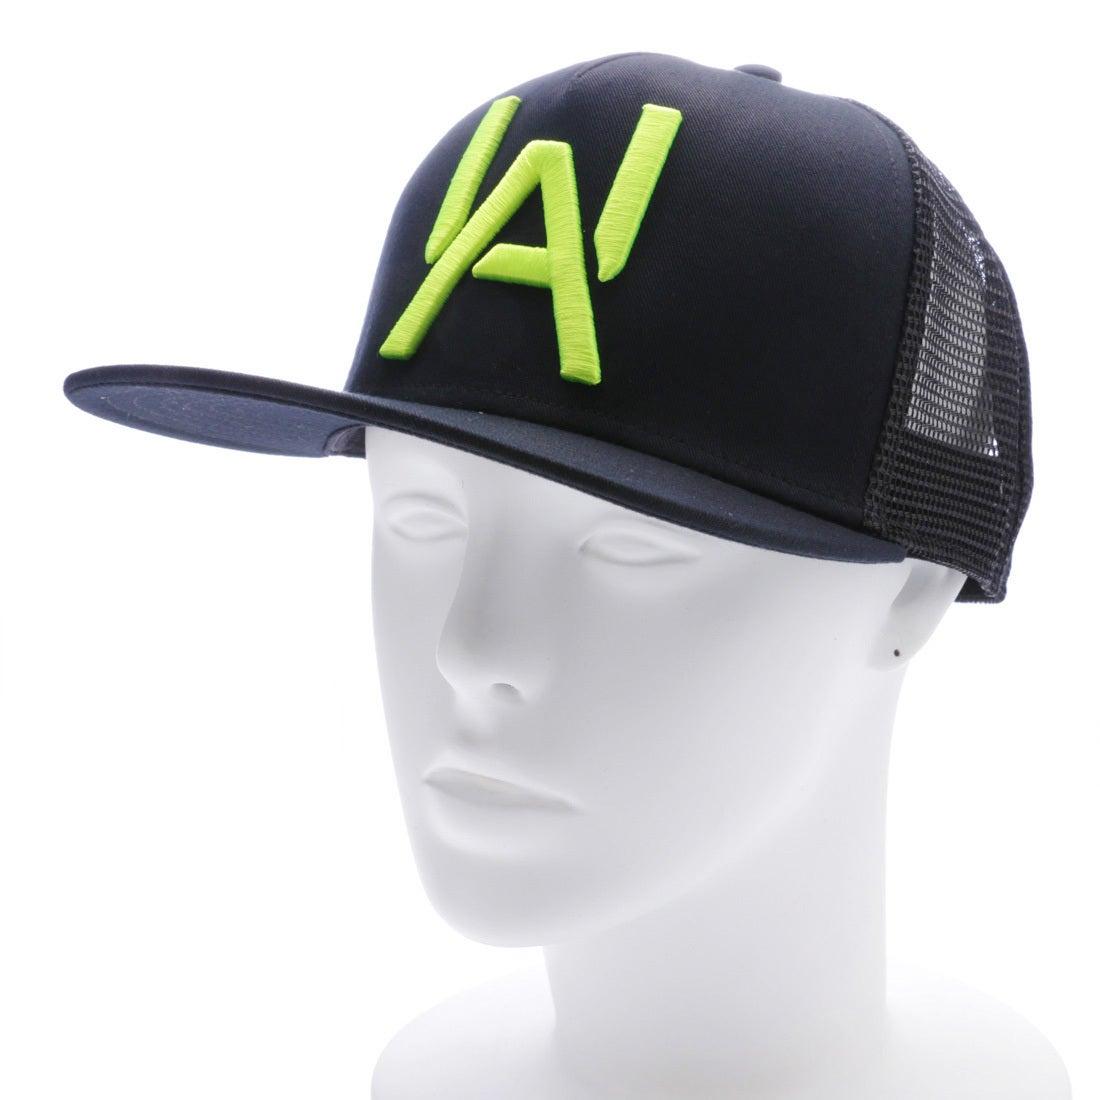 09f4b0f643604 アンダーアーマー UNDER ARMOUR メンズ 野球 キャップ UA BASEBALL STYLE CAP 1295595  -レディースファッション通販 ロコンドガールズコレクション (ロココレ)